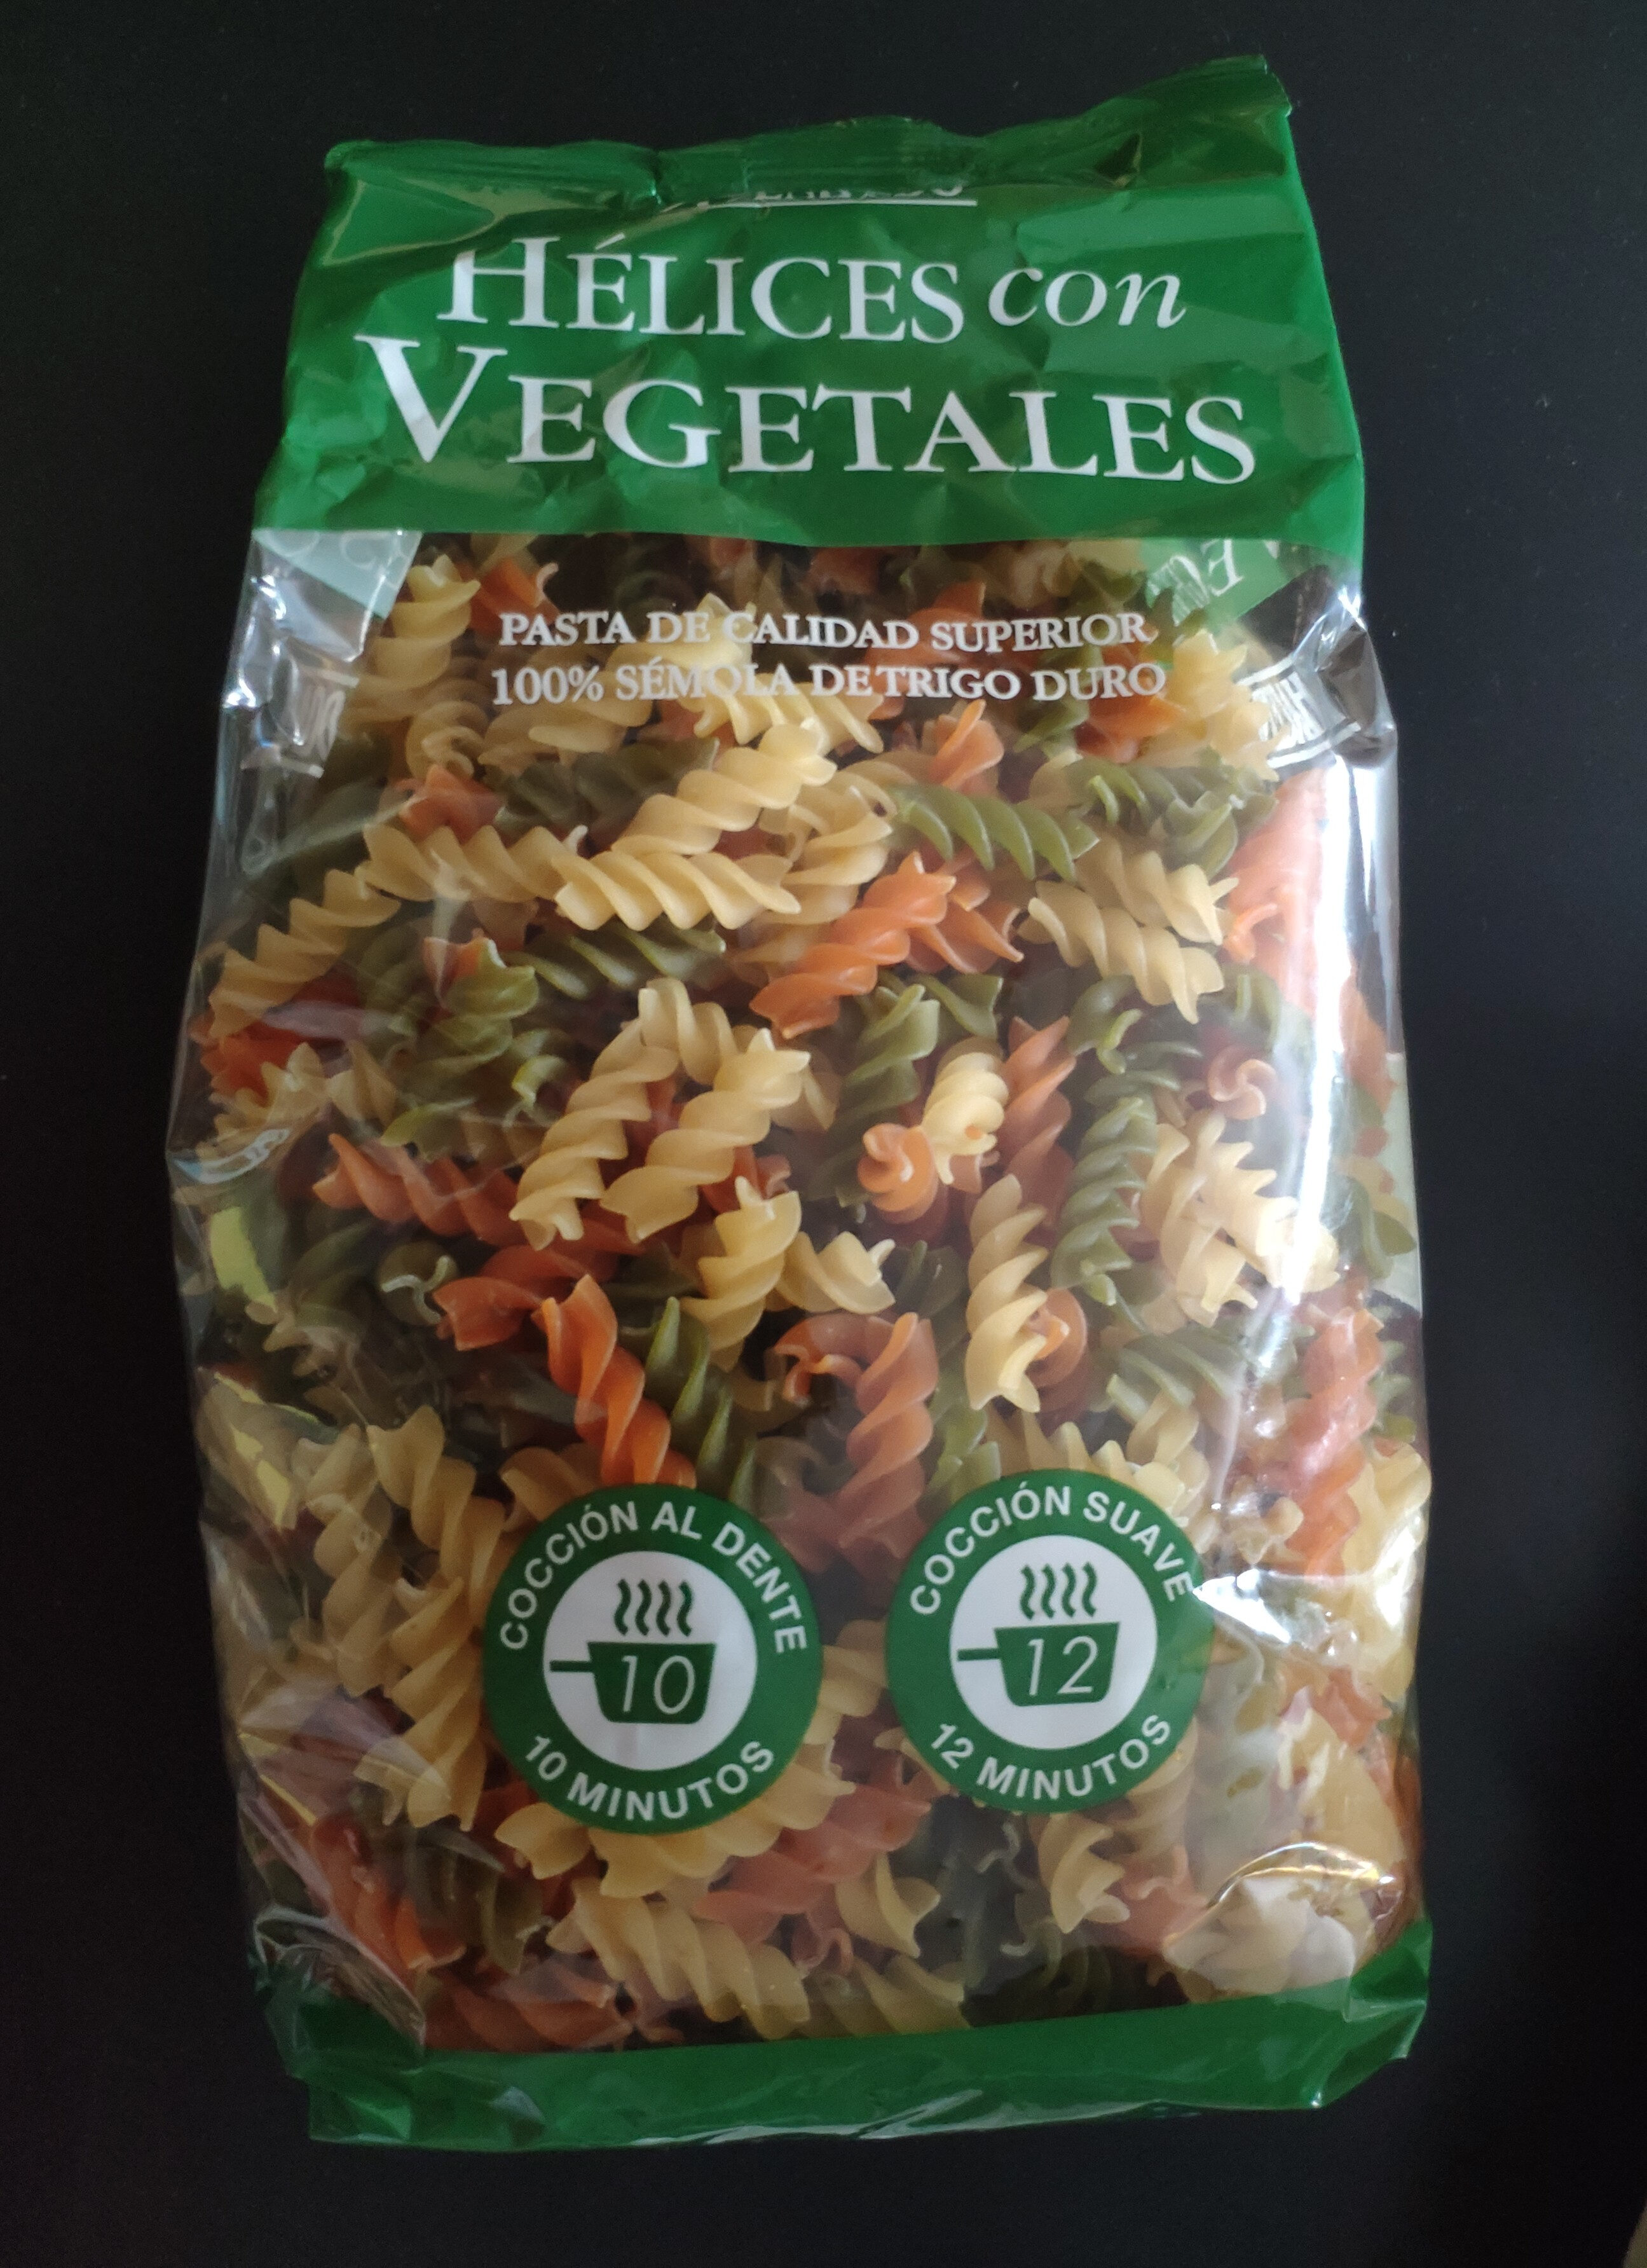 Hélices con vegetales - Producto - es